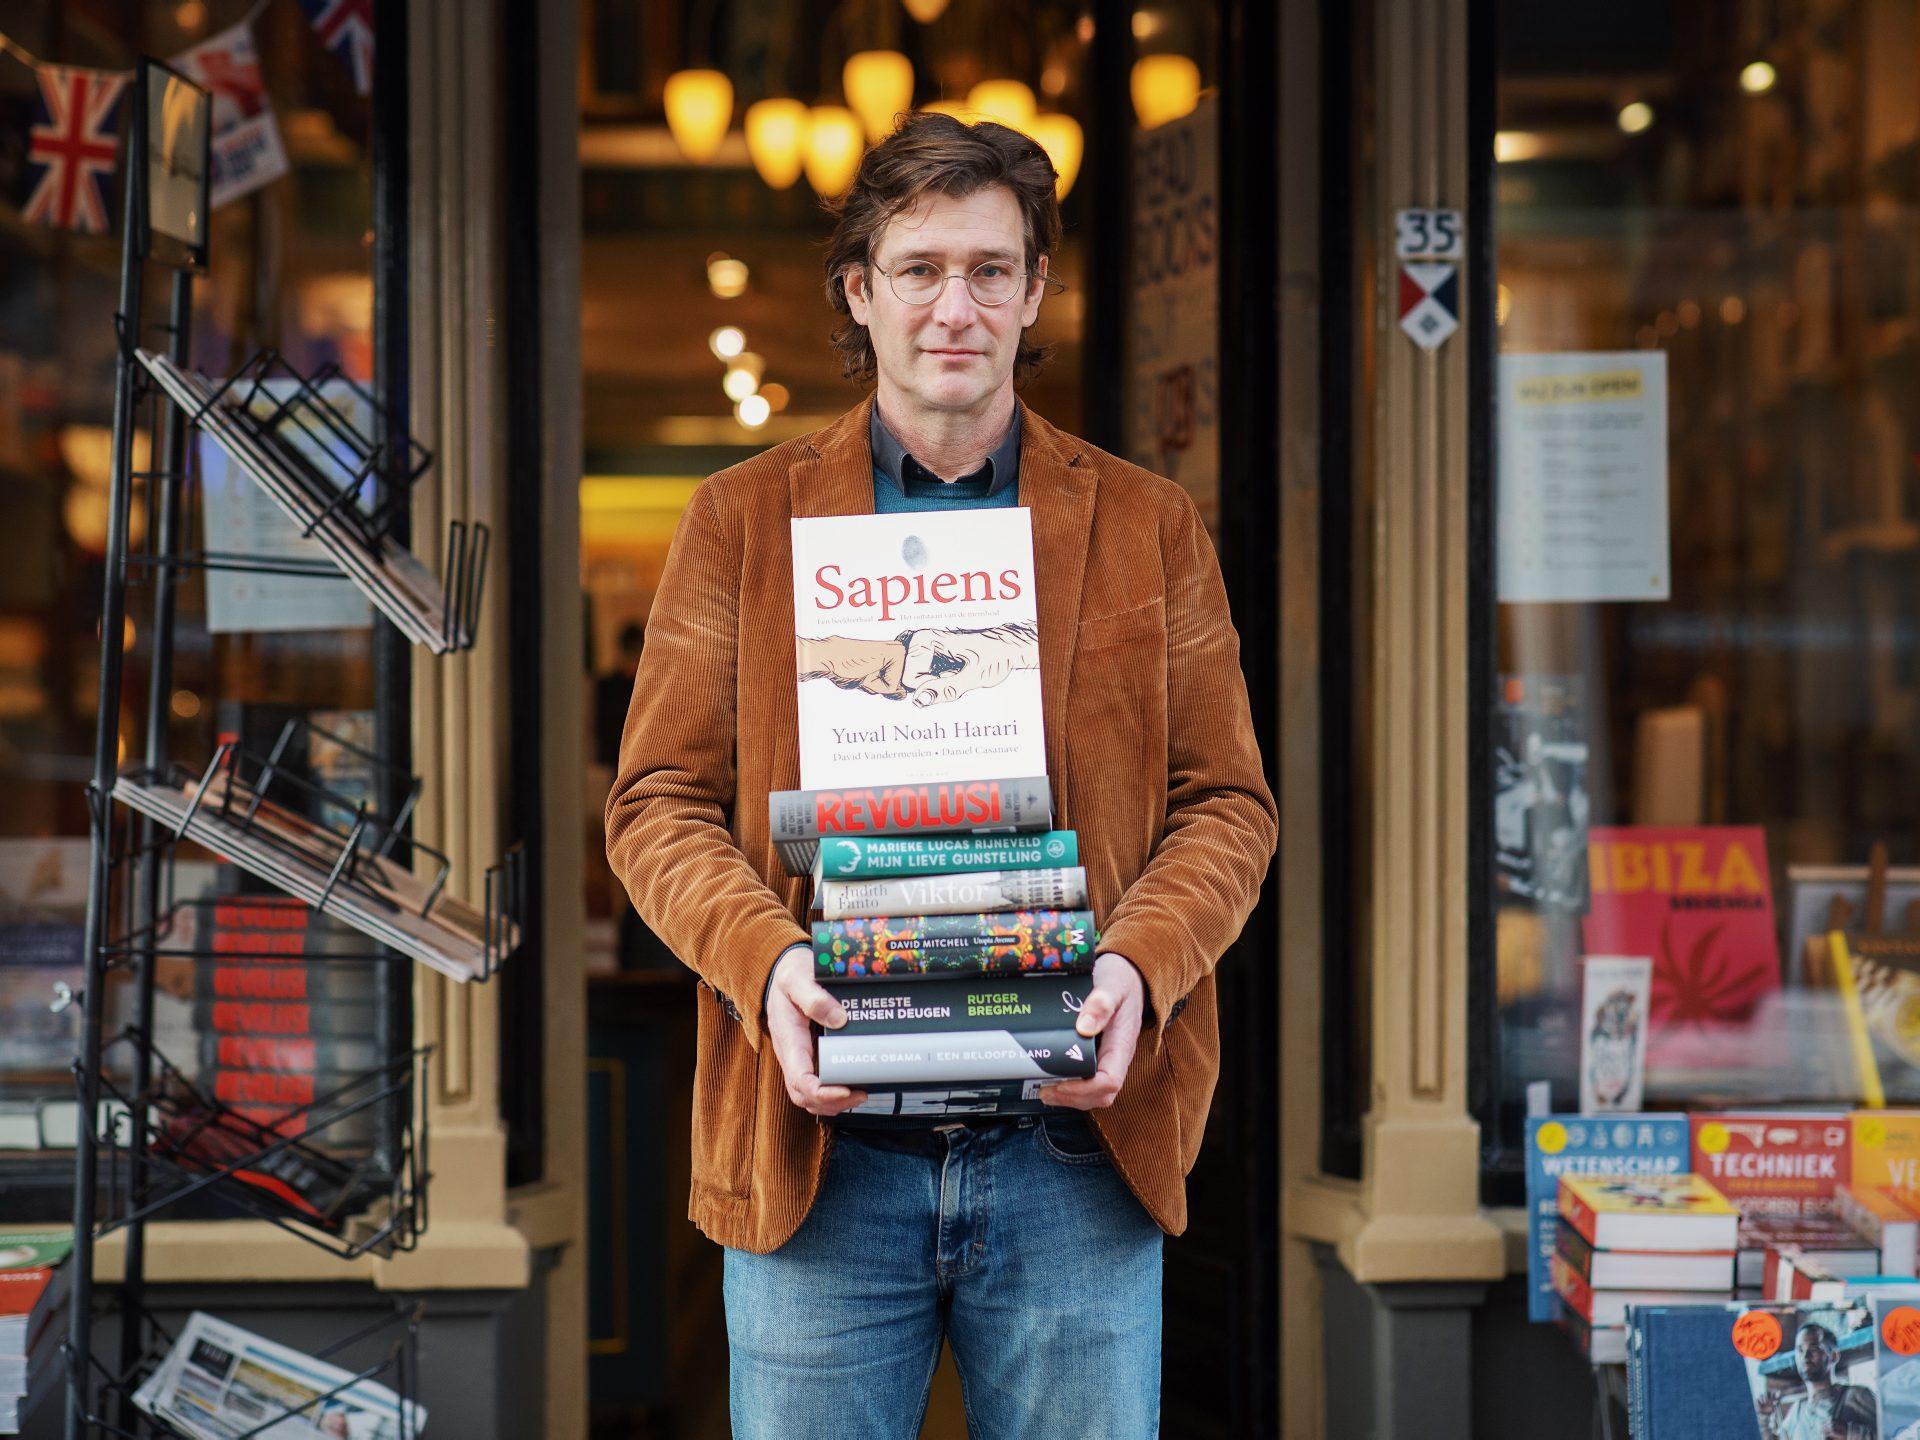 Boekhandel De Nieuwe Bengel - Dordrecht - Vriesestraat - boeken